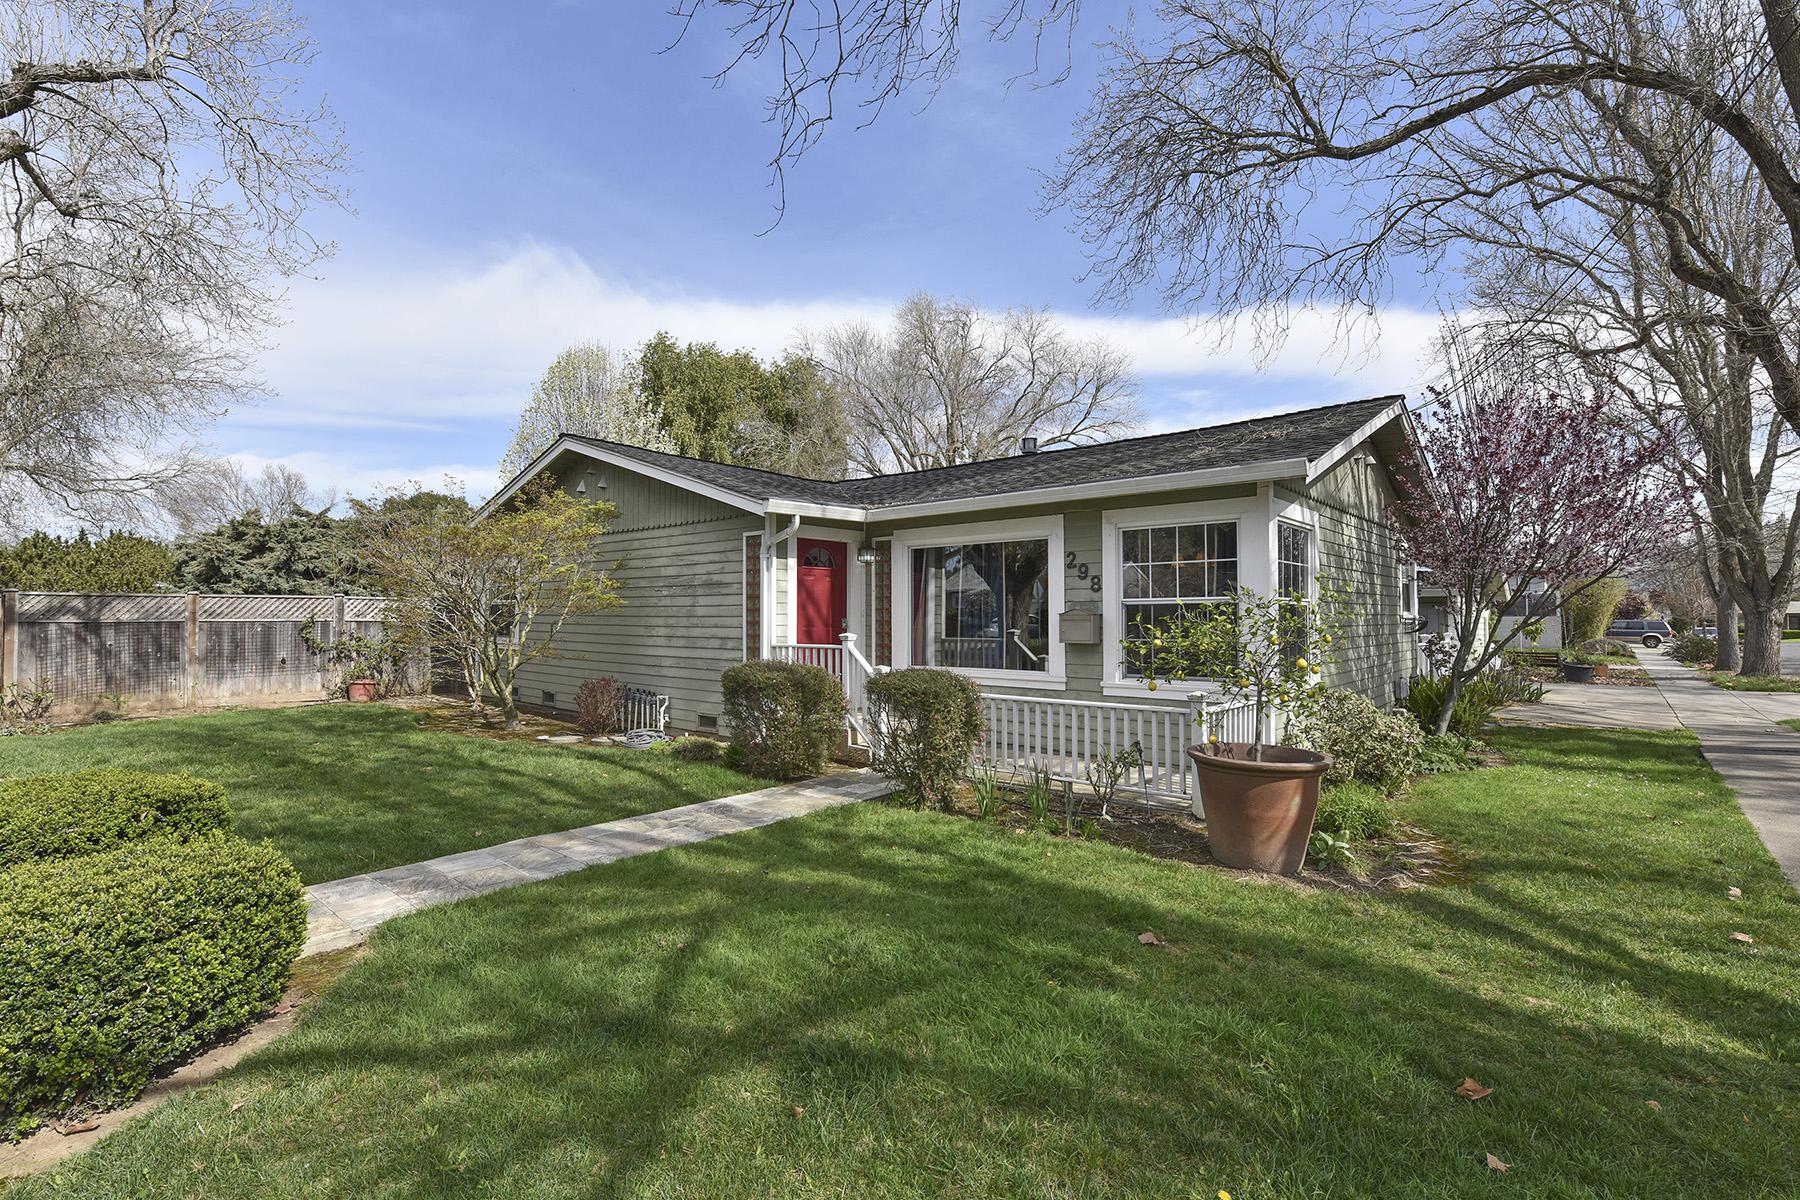 一戸建て のために 売買 アット 298 S Hartson St, Napa, CA 94559 Napa, カリフォルニア, 94559 アメリカ合衆国